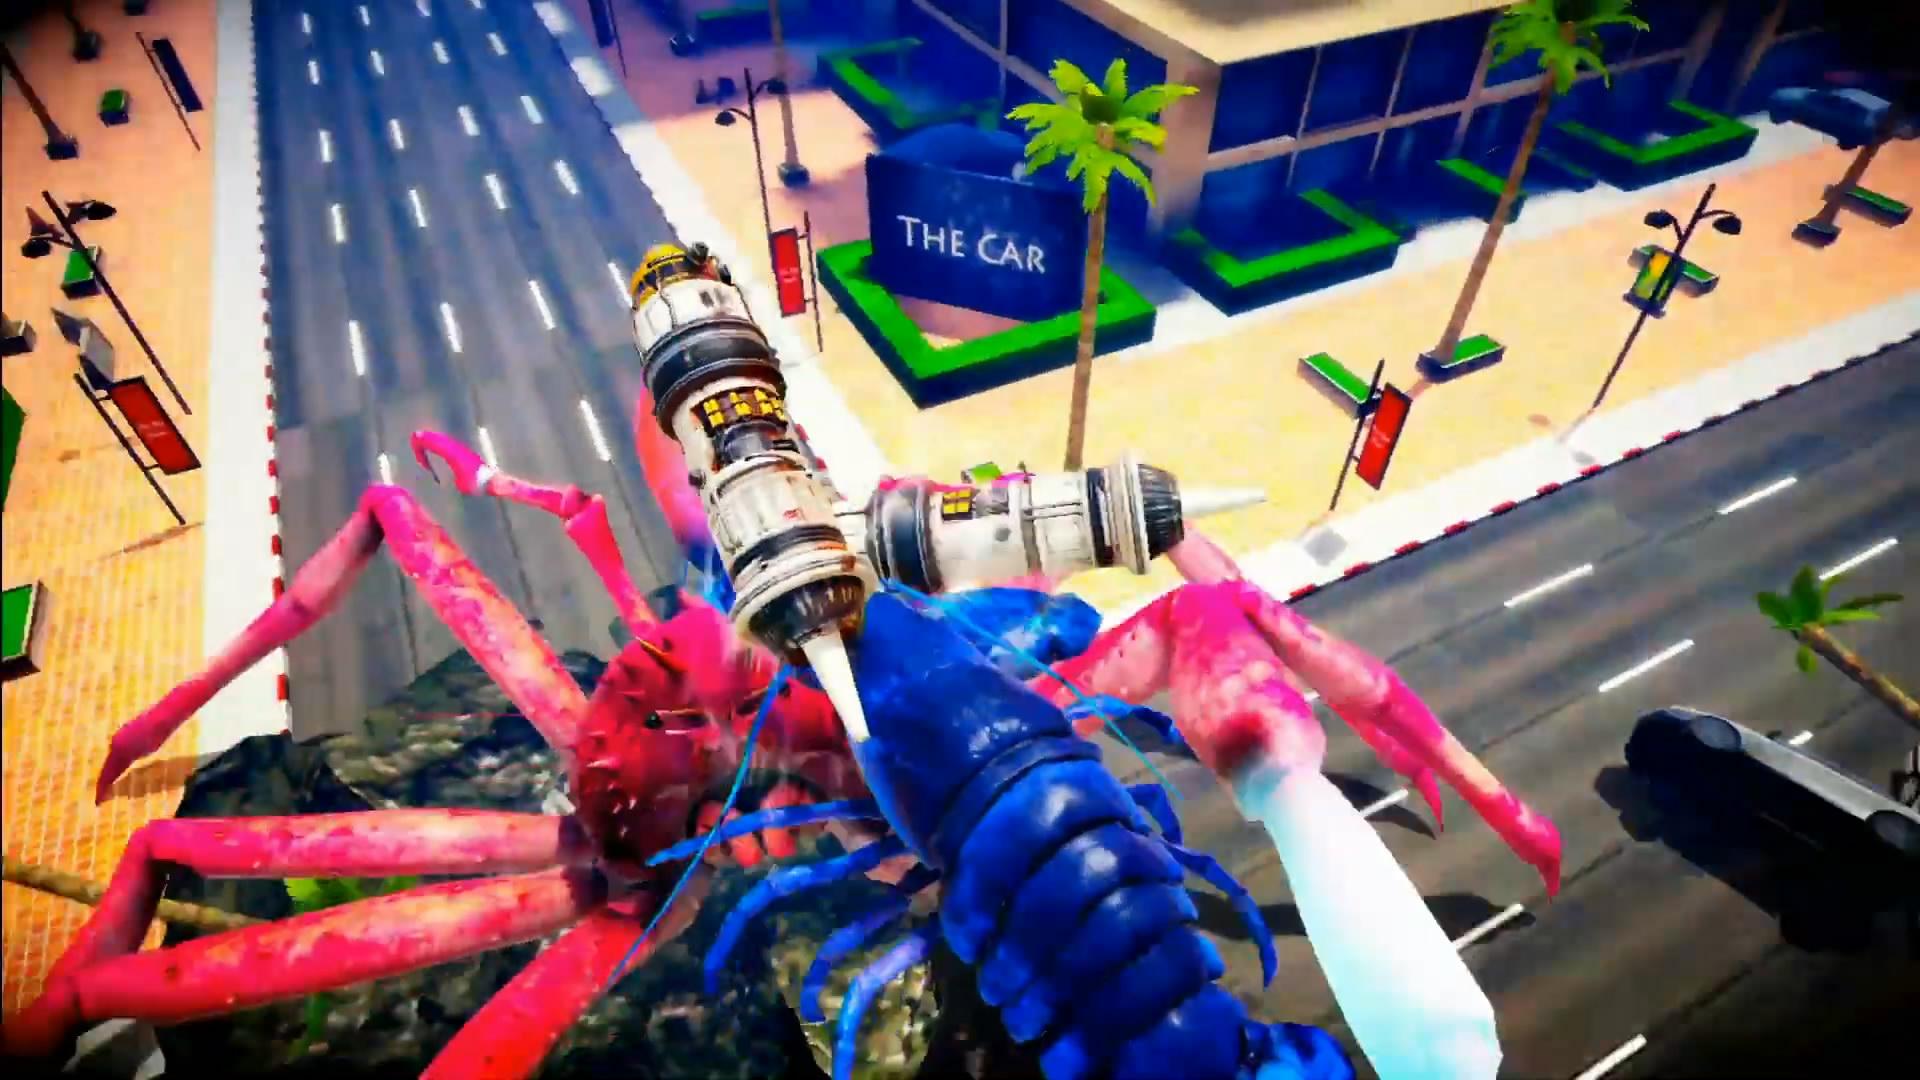 魔性格斗游戏《螃蟹大战》预告 螃蟹手持激光剑打架